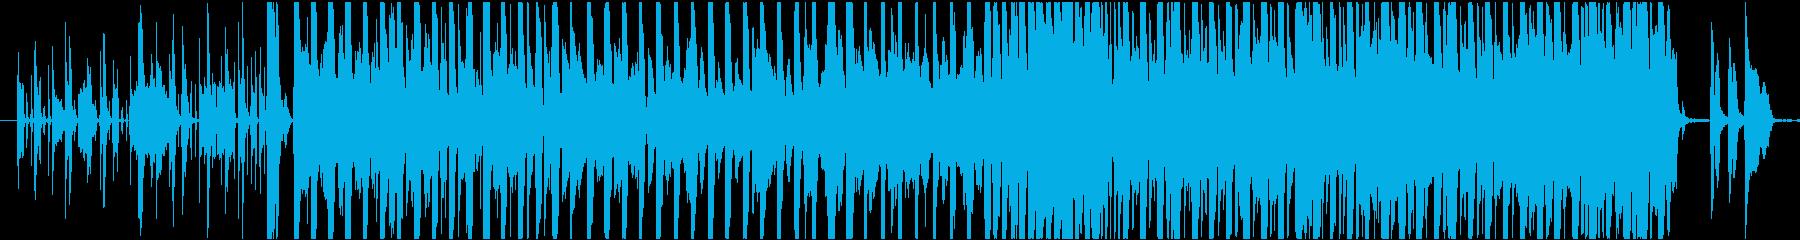 ファンク アクティブ 明るい ワイ...の再生済みの波形